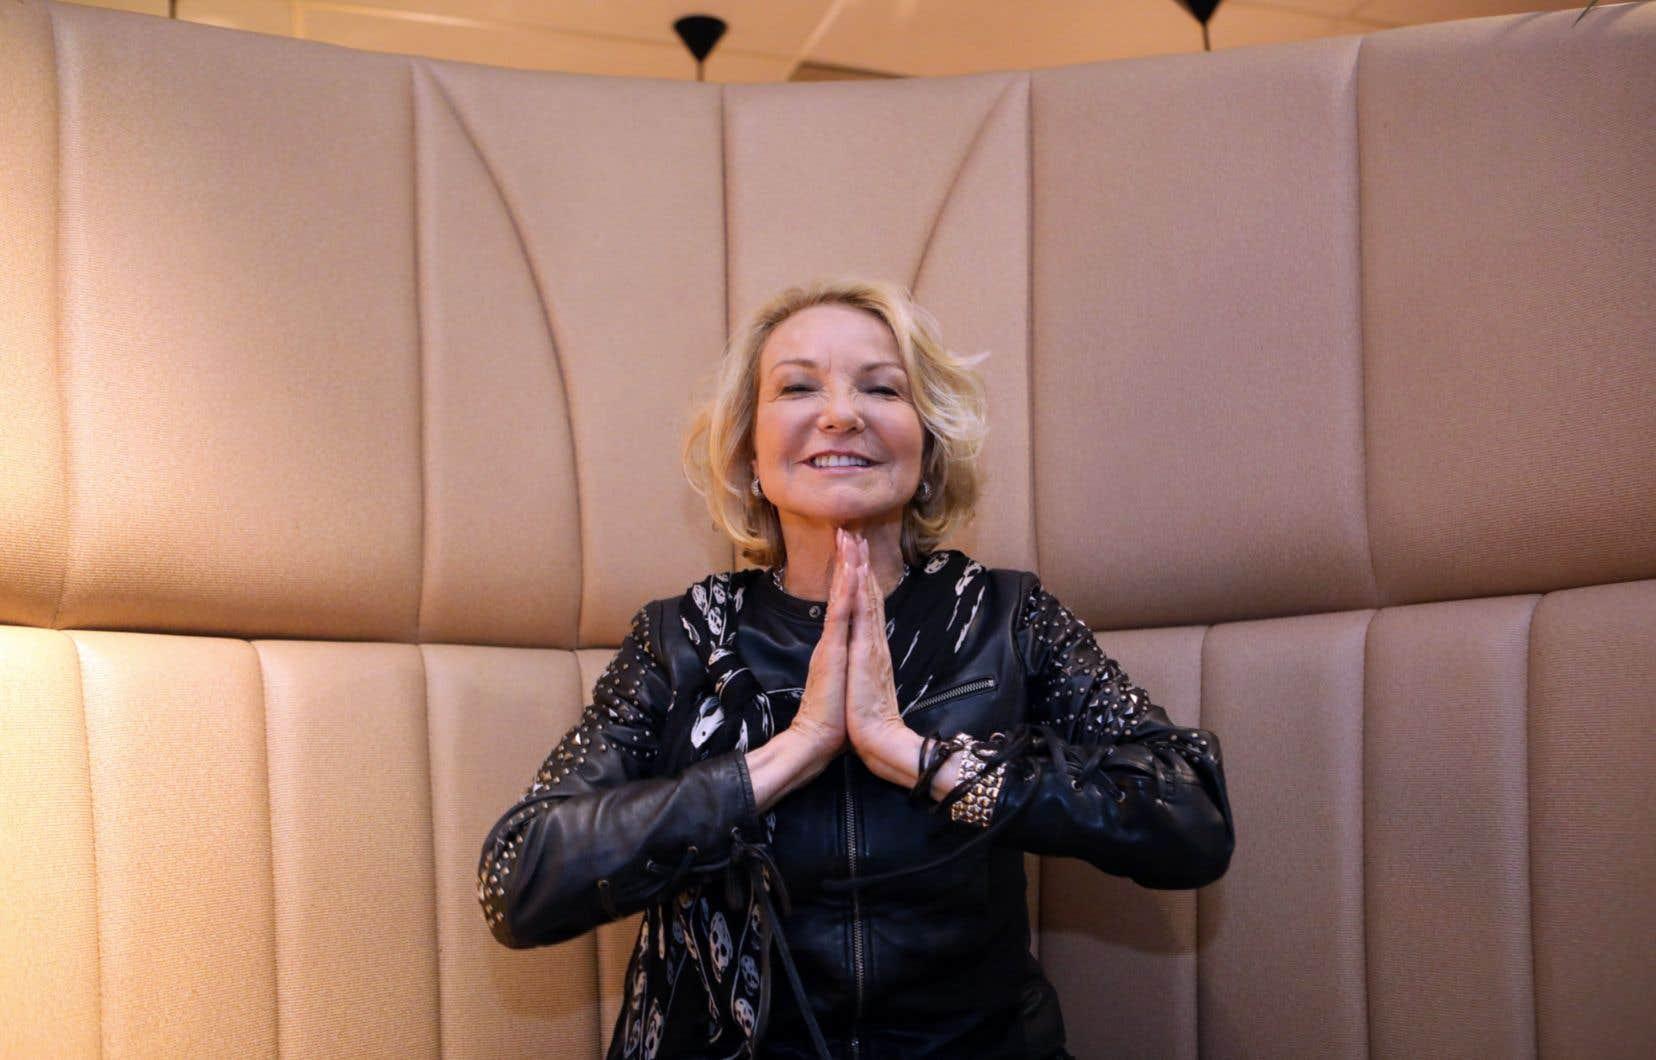 Marjo, la vénérable blonde platine de 64 ans, sera sur la scène Bell de la place des Festivals le 13 juin.